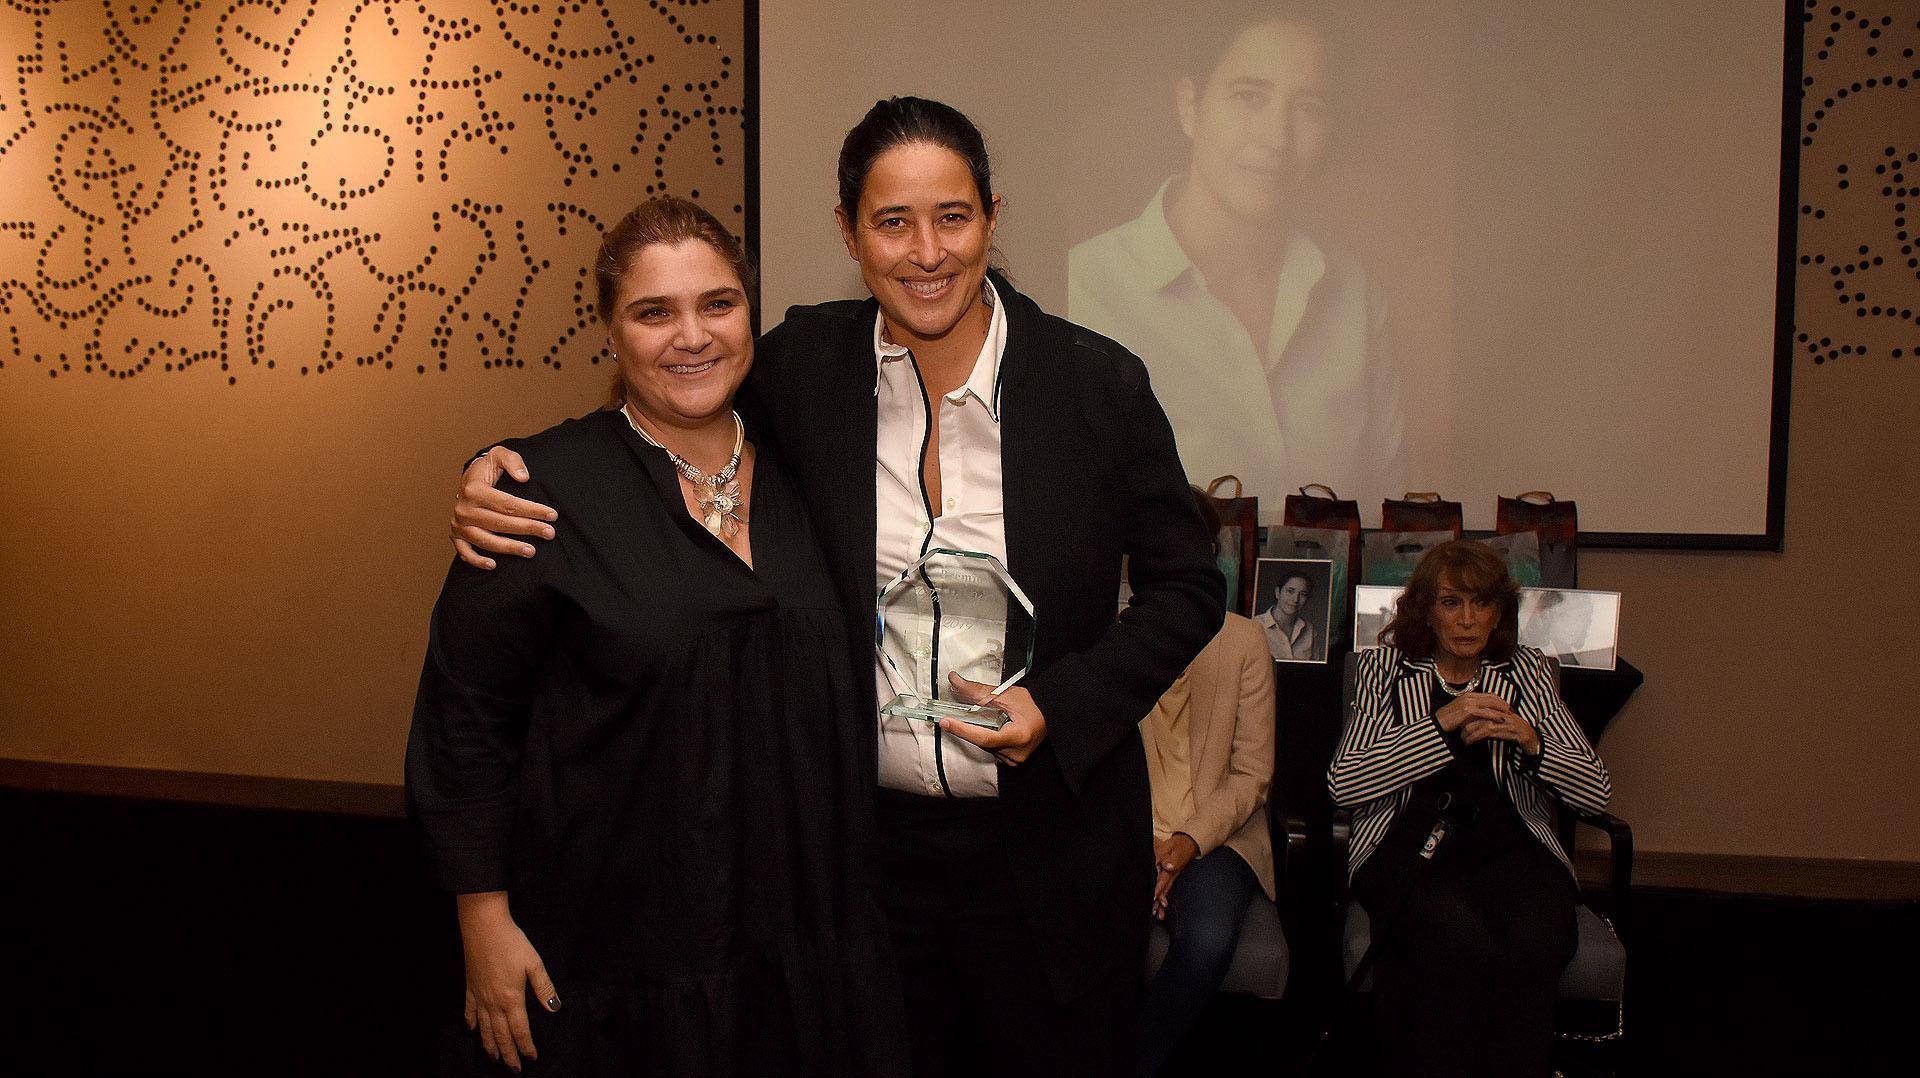 Marcela Noble Herrerala responsable de dar en mano el premio Flor de Mujer 2019 a Alexia Rattazzi